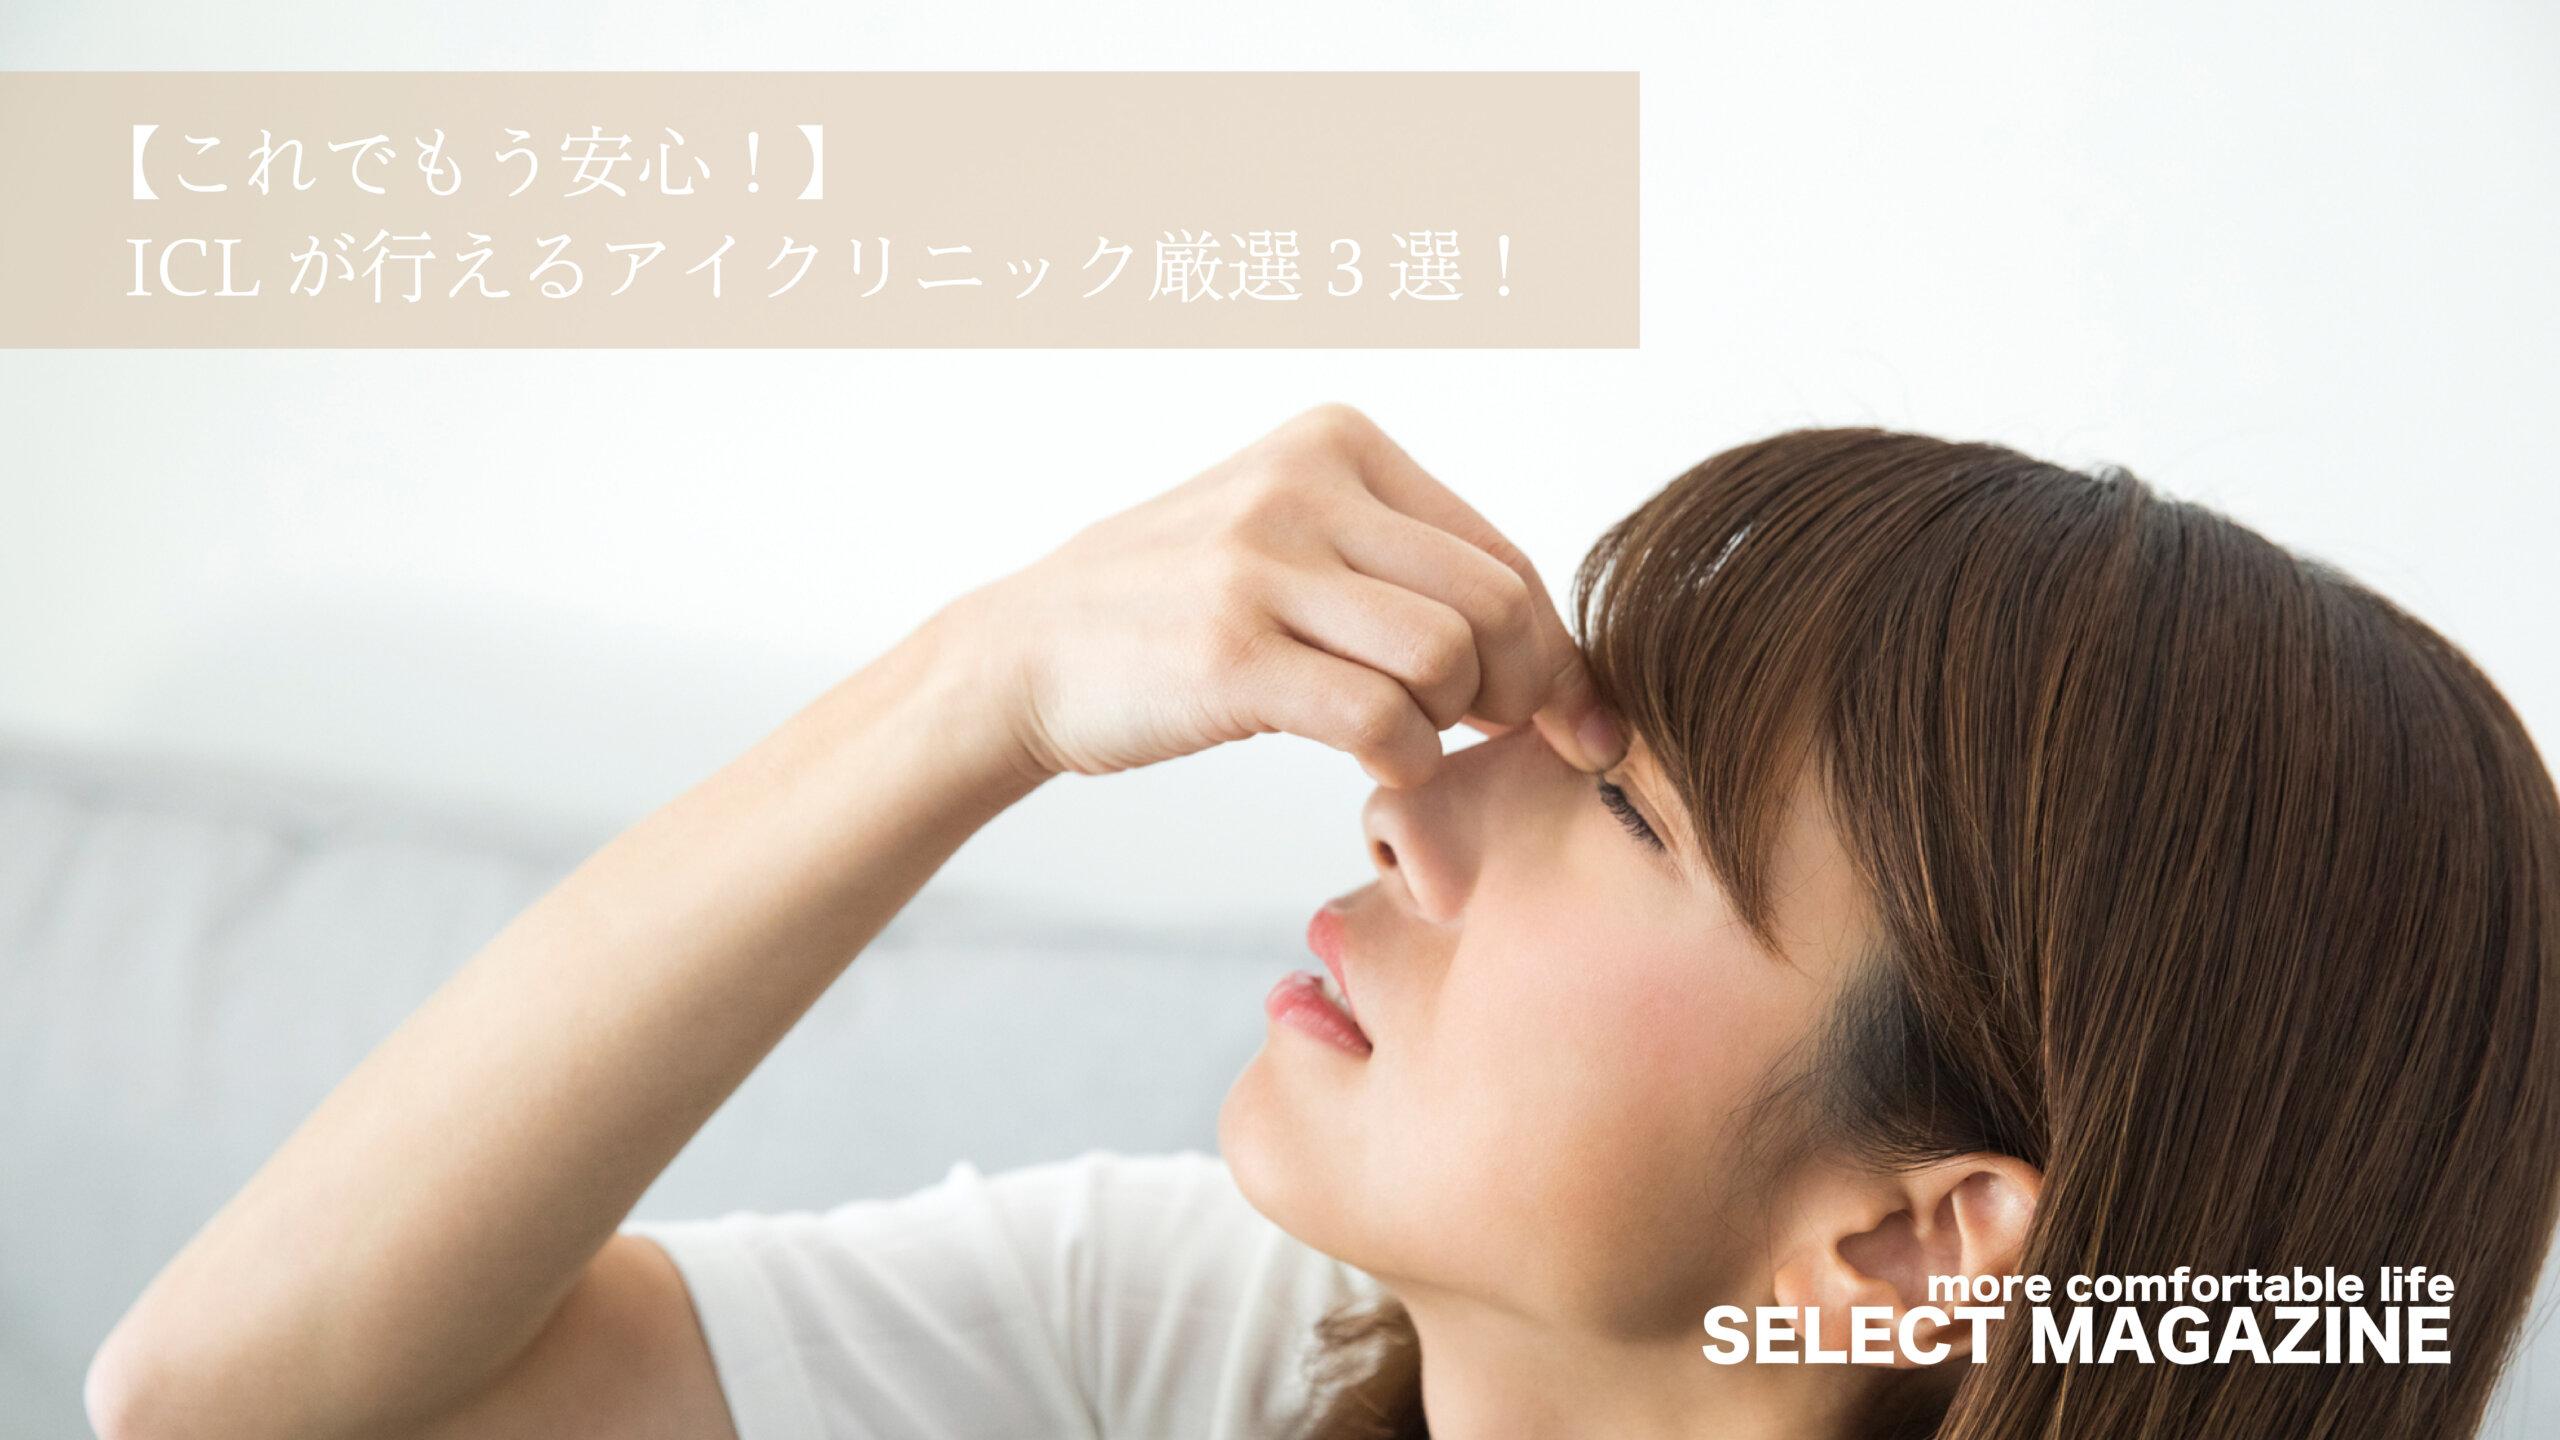 【これでもう安心!】ICLが行えるアイクリニック厳選3選!|都内